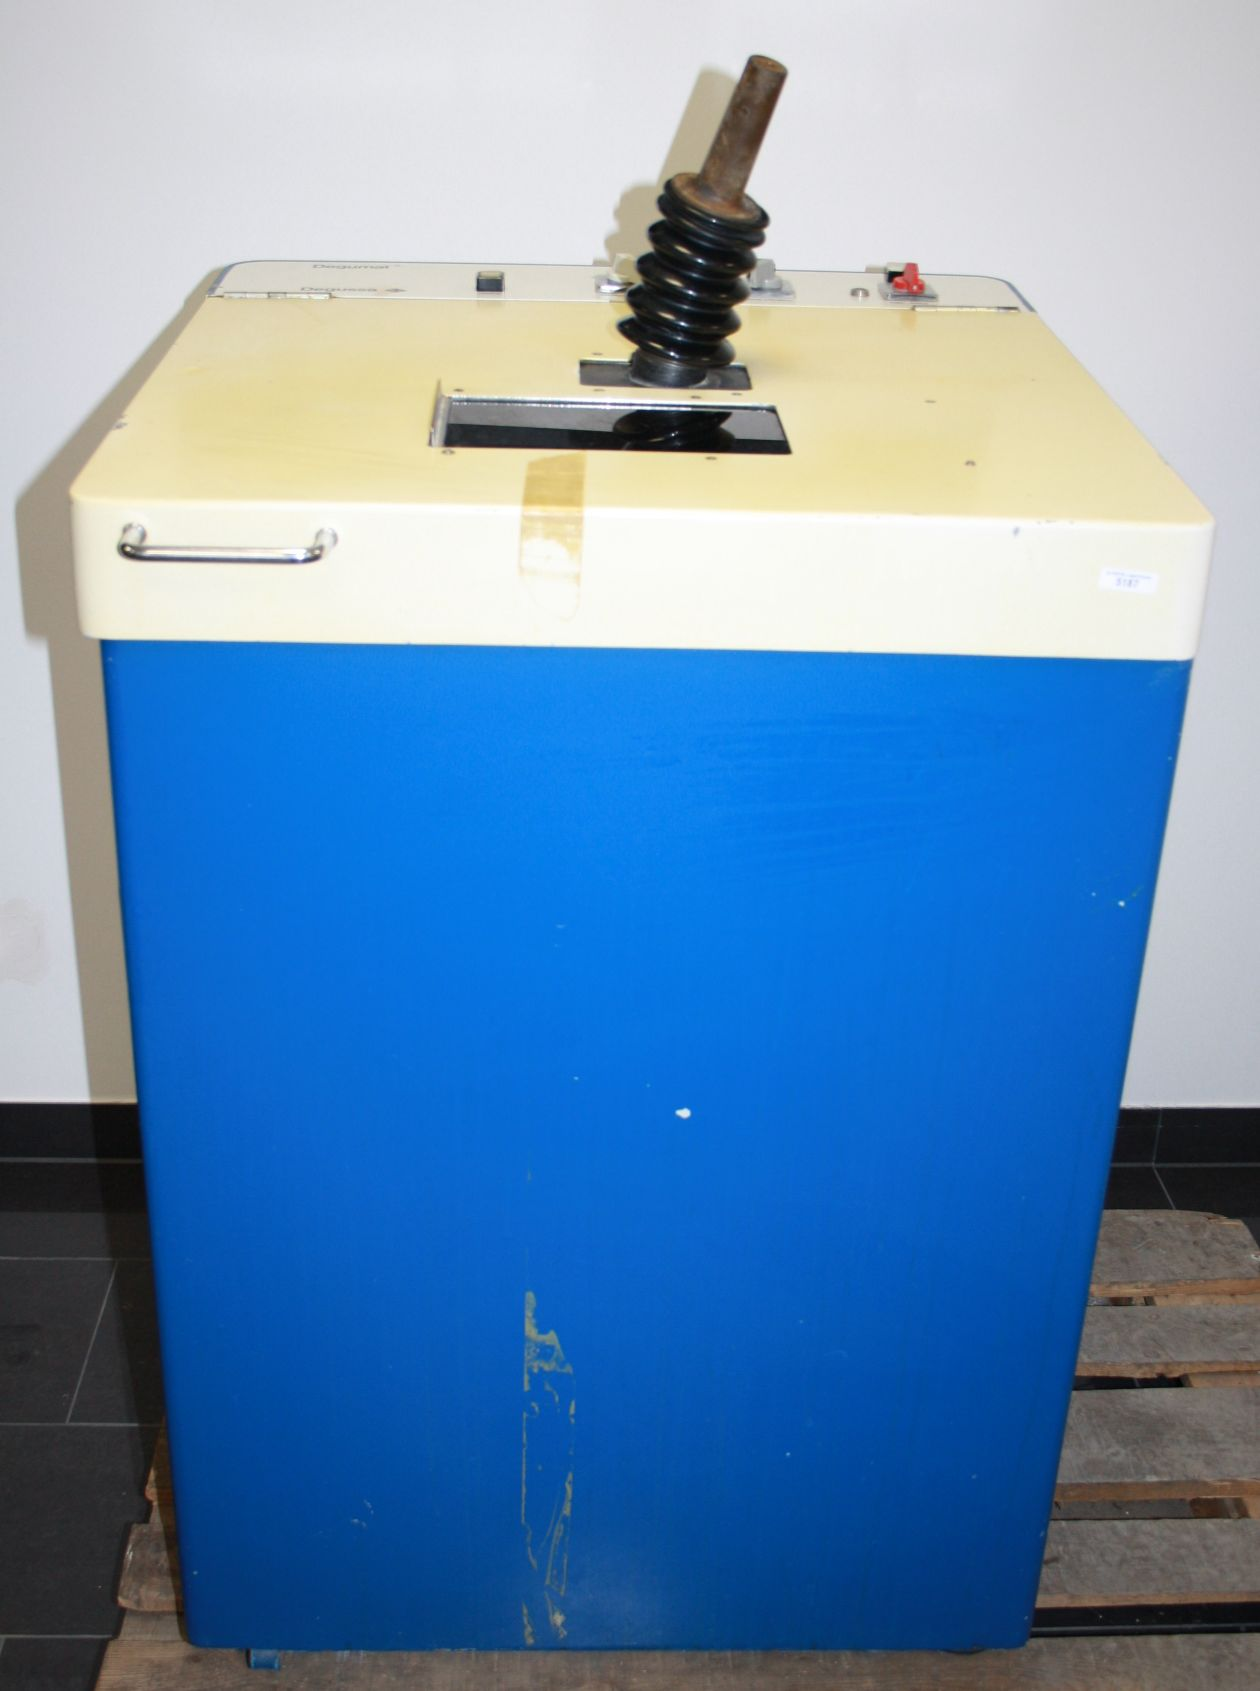 LINN Hochfrequenzschleuder Typ Induktherm HFS-3 Vac # 5188